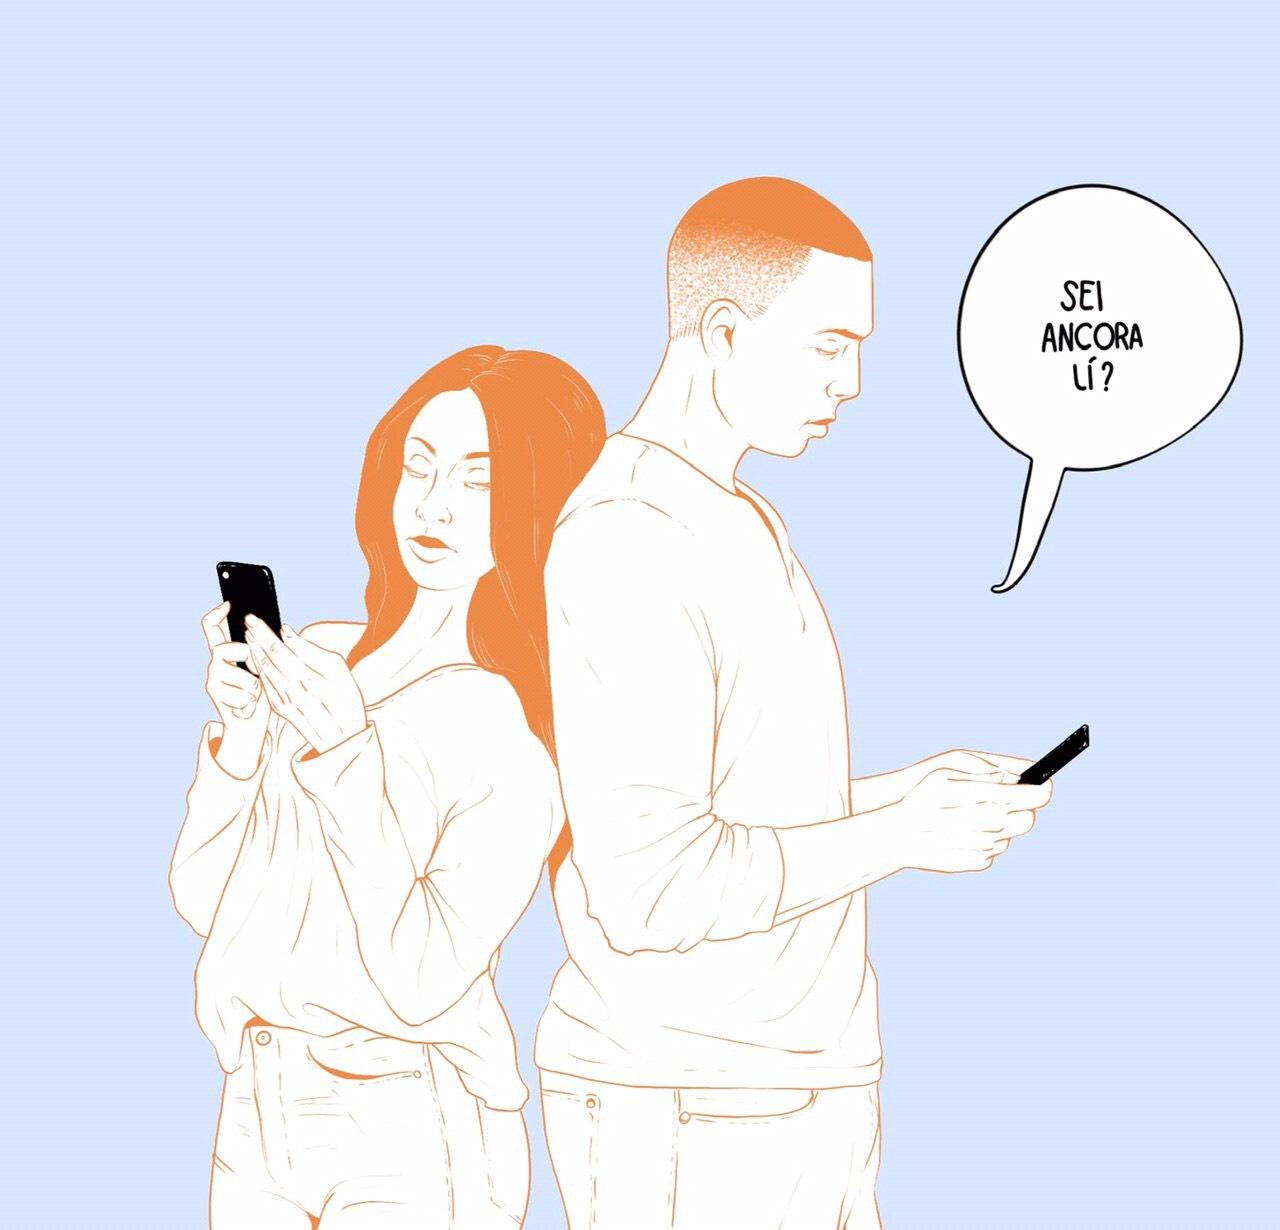 Parlarne tra amici, o come il texting può distorcere le relazioni e l'immagine che gli altri hanno di te.